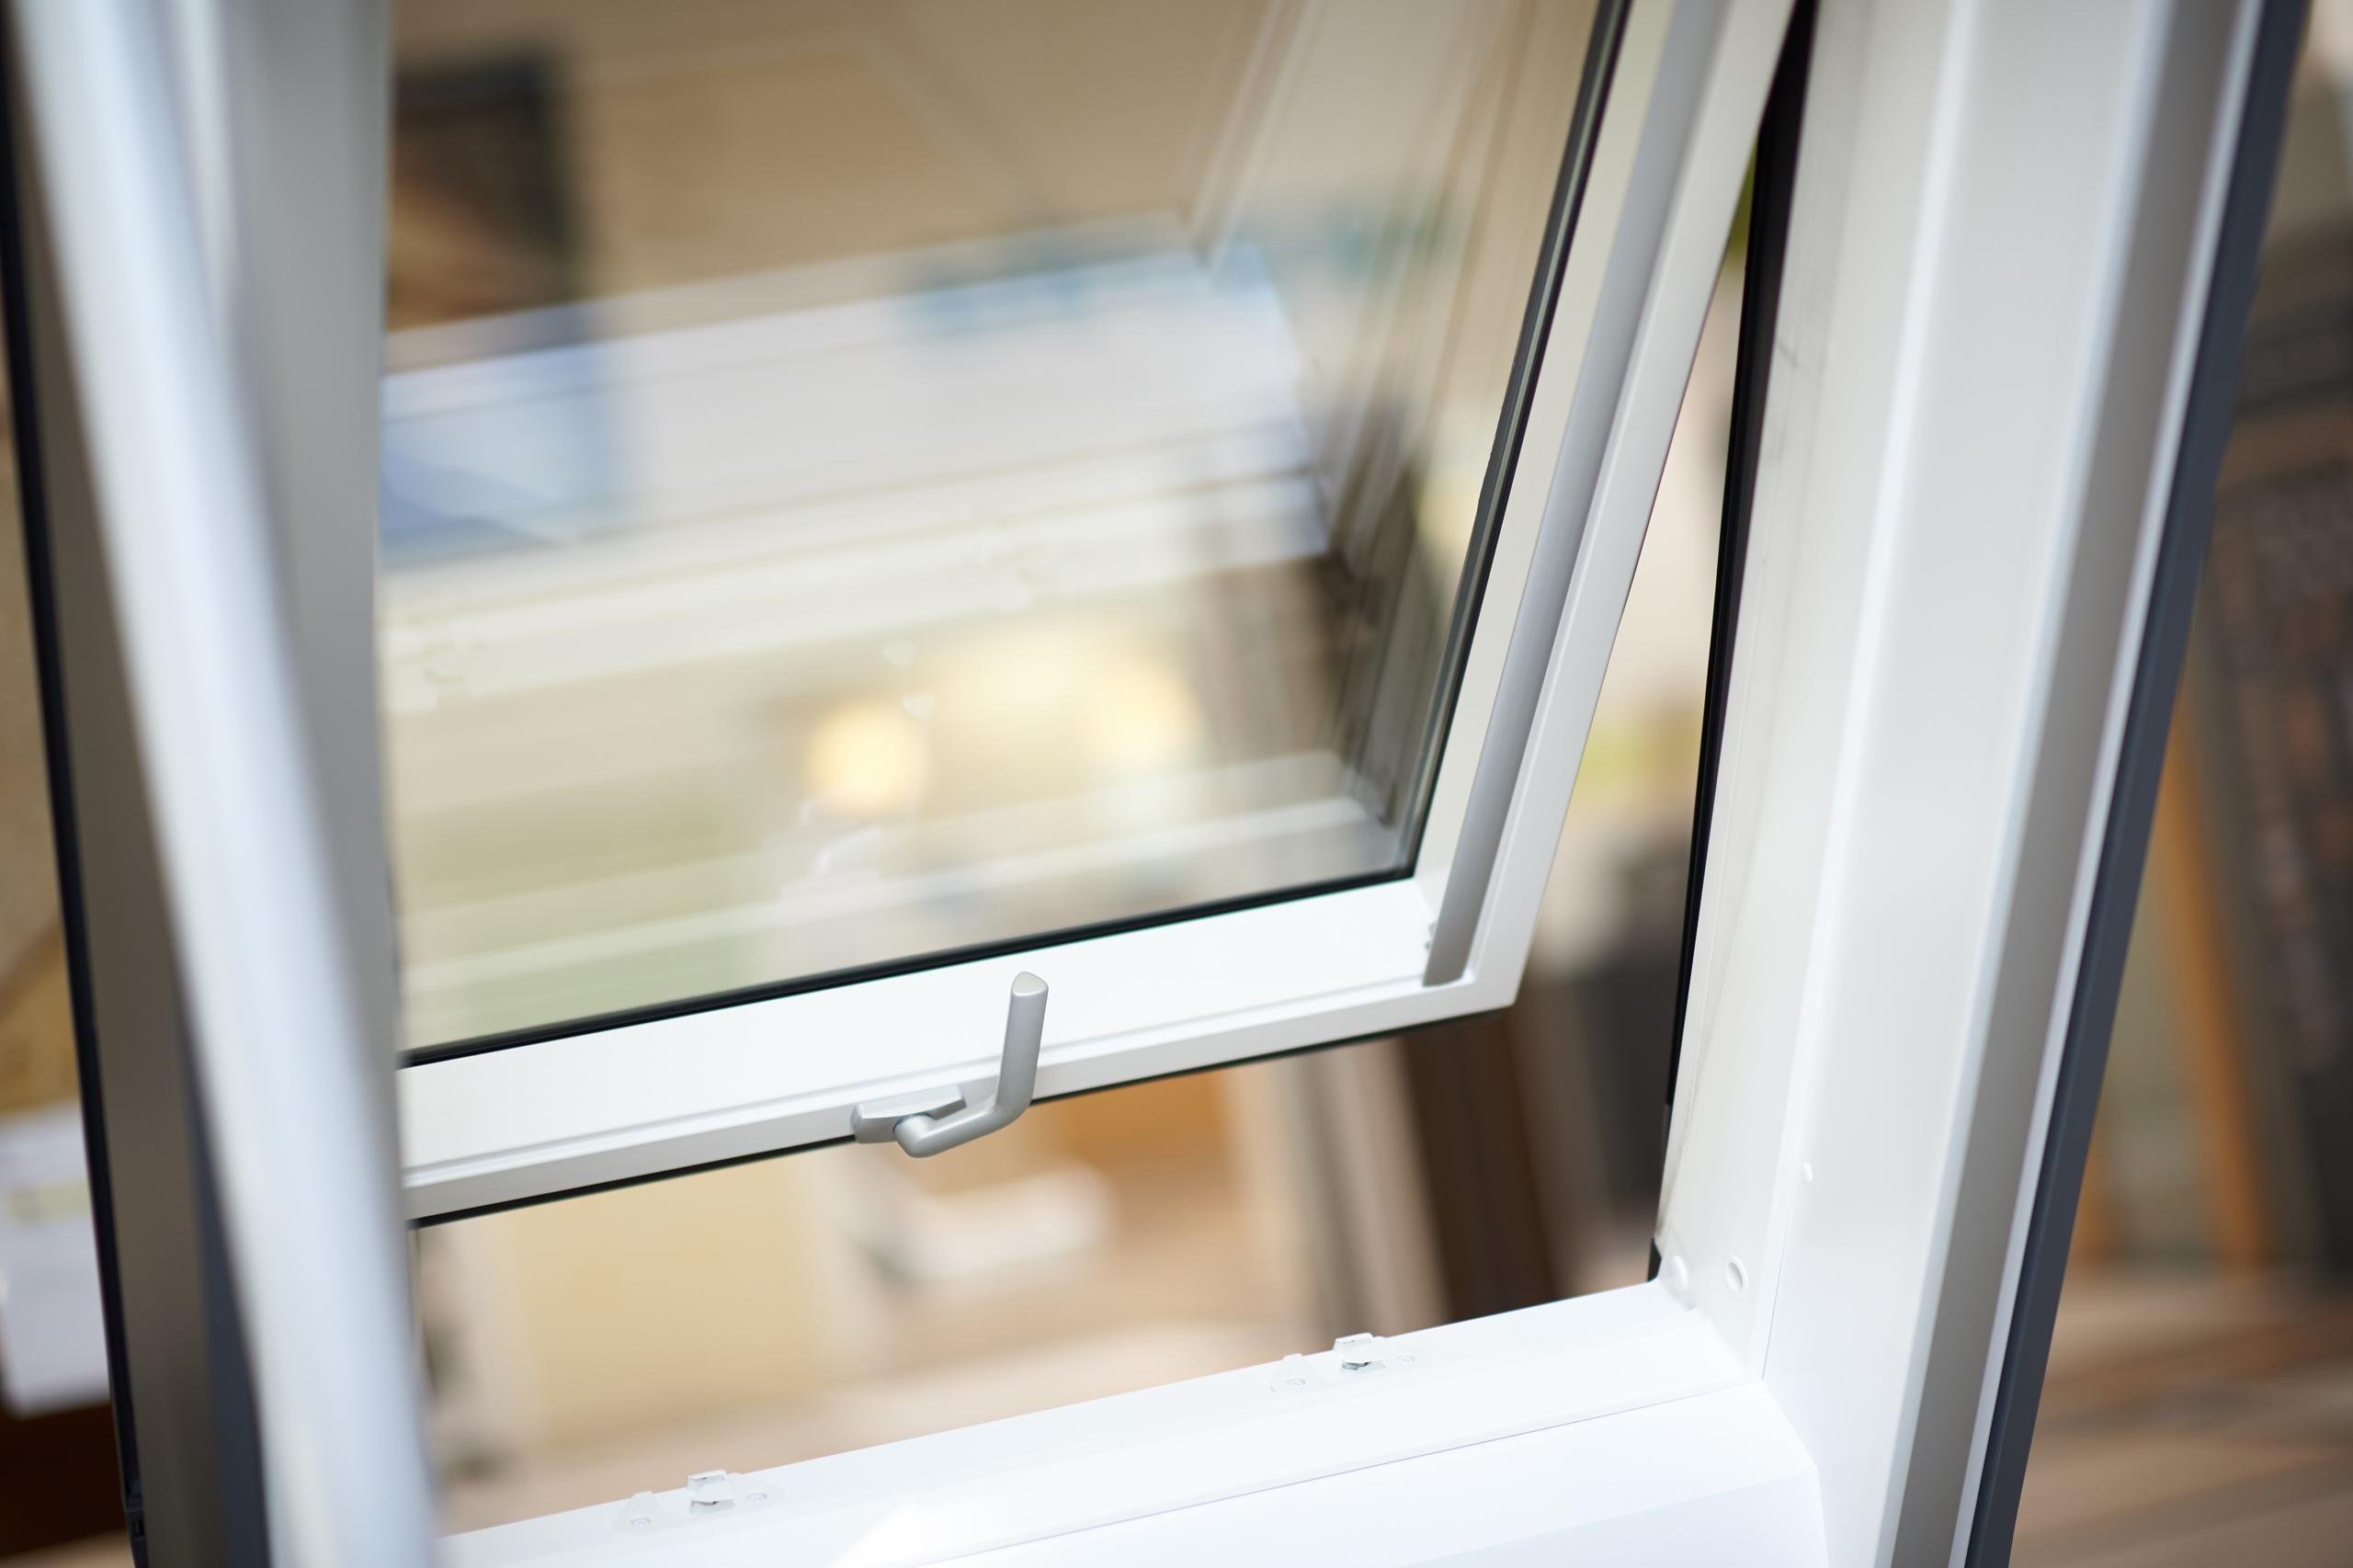 Dachfenster 002